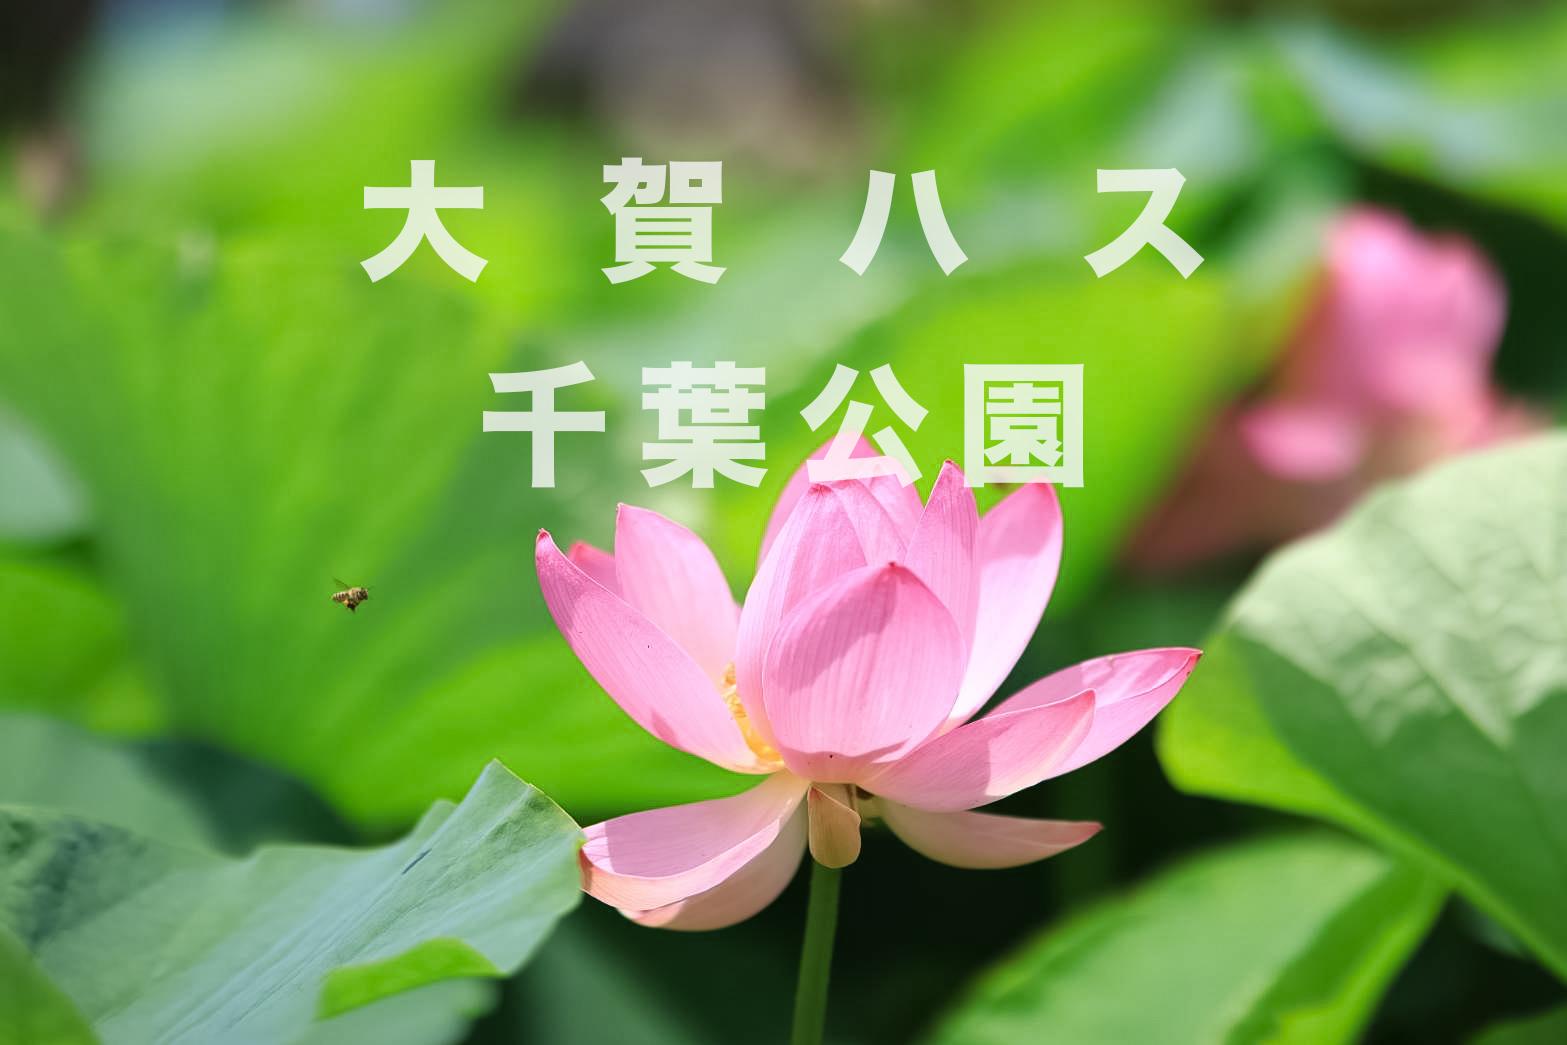 千葉公園 大賀ハス